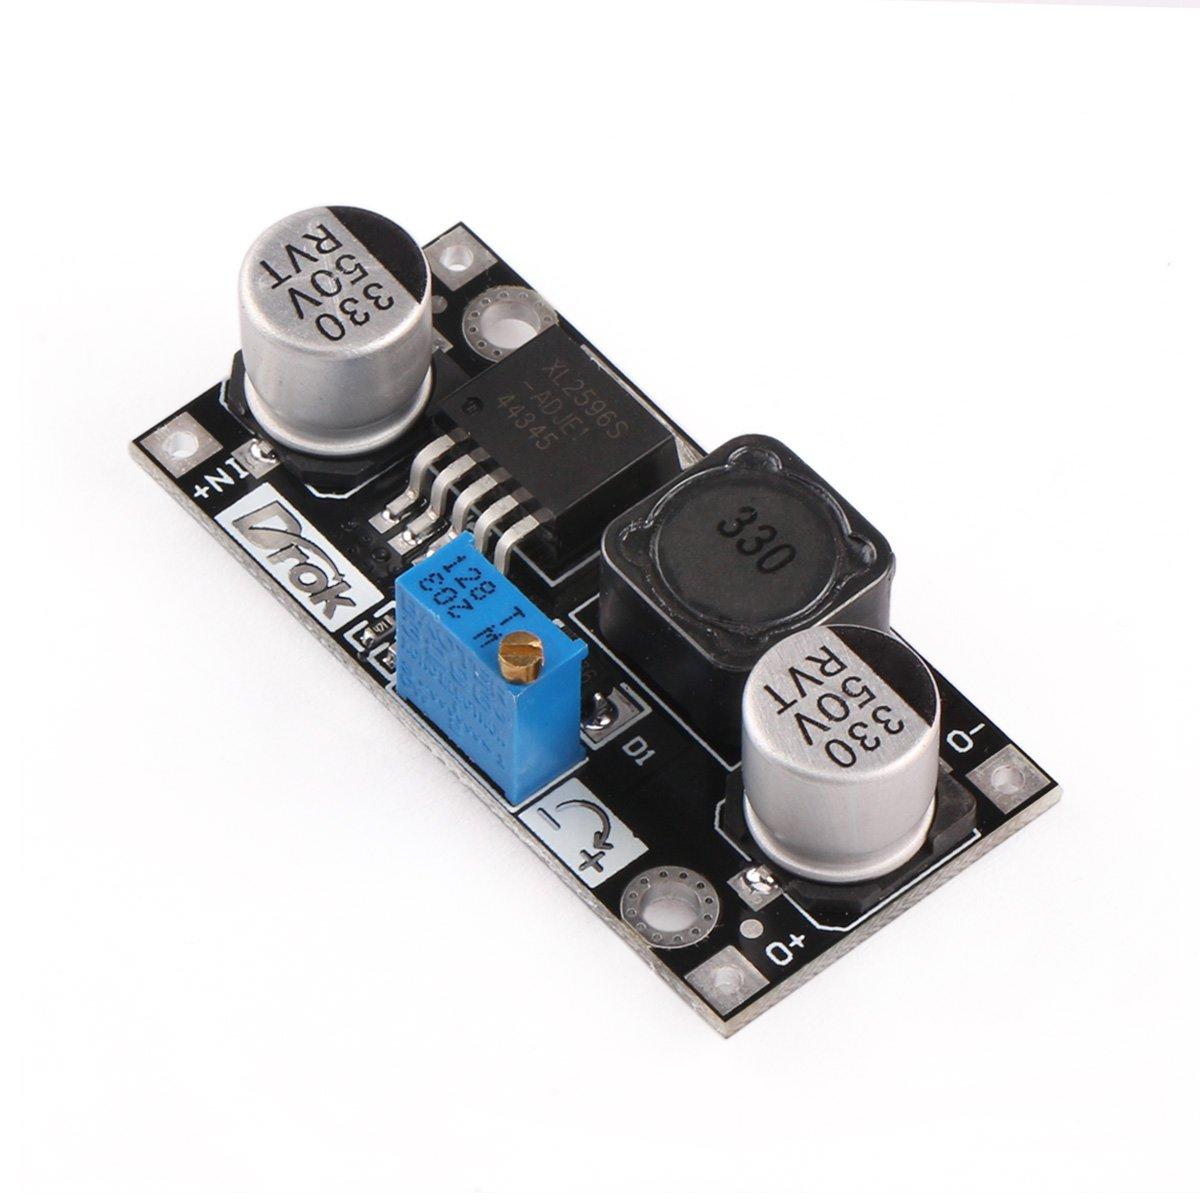 Dcdc Converter Drok Step Down Voltage Regulator Module Dc 45 40v Divider To Say A 12v Power Supply 5v 36v 24v 125 37v 9v 3v Variable Buck Adjustable Electronic